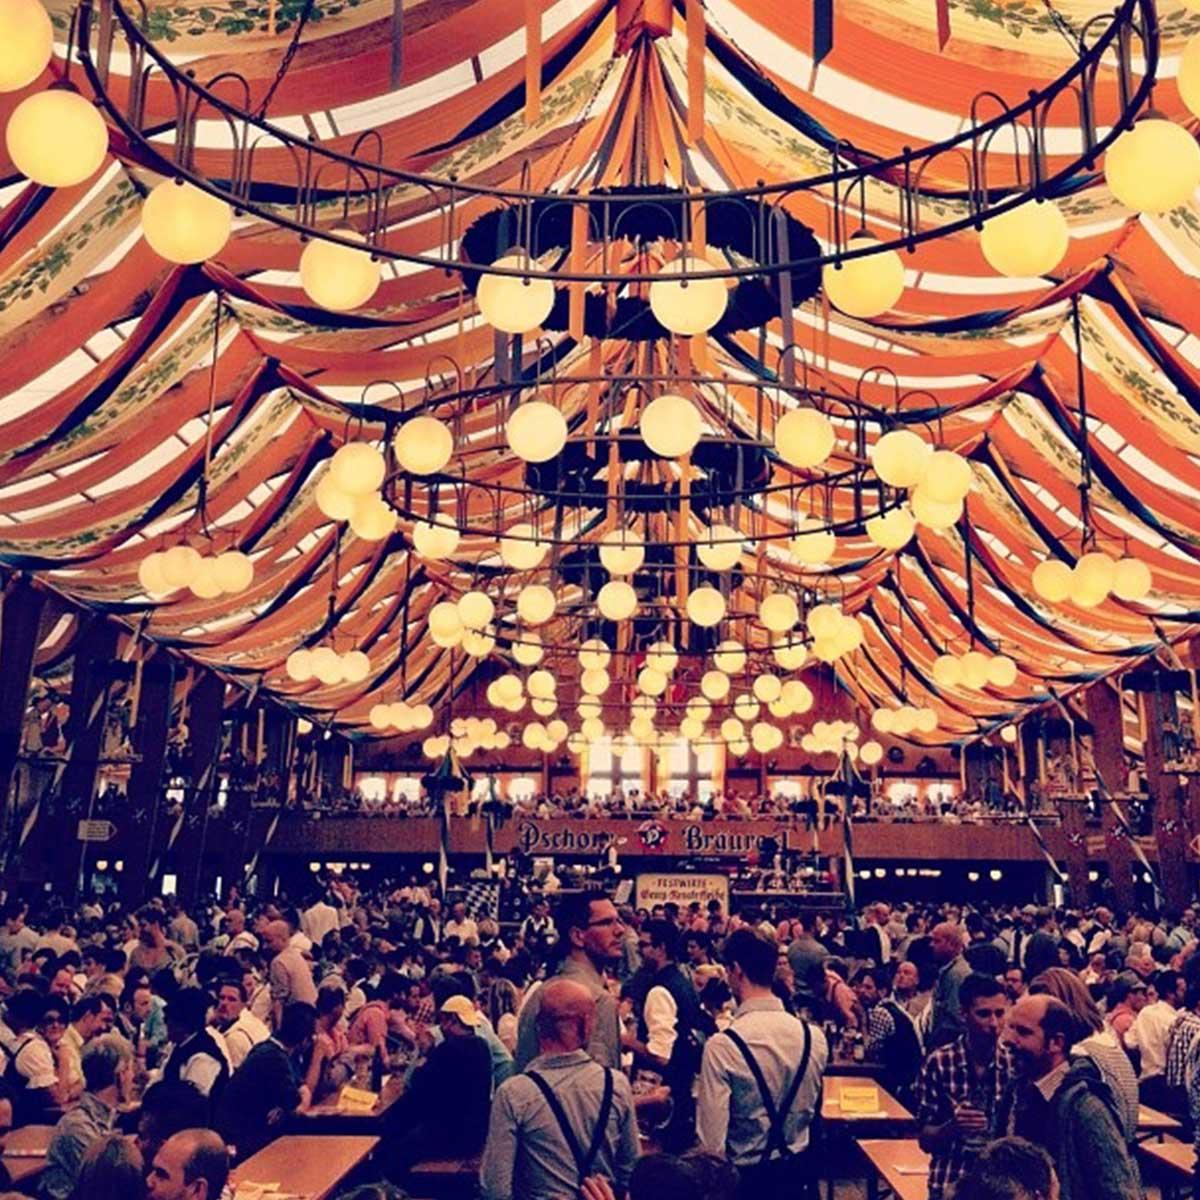 Munich fête de la bière Rosa Wiesn gay-friendly